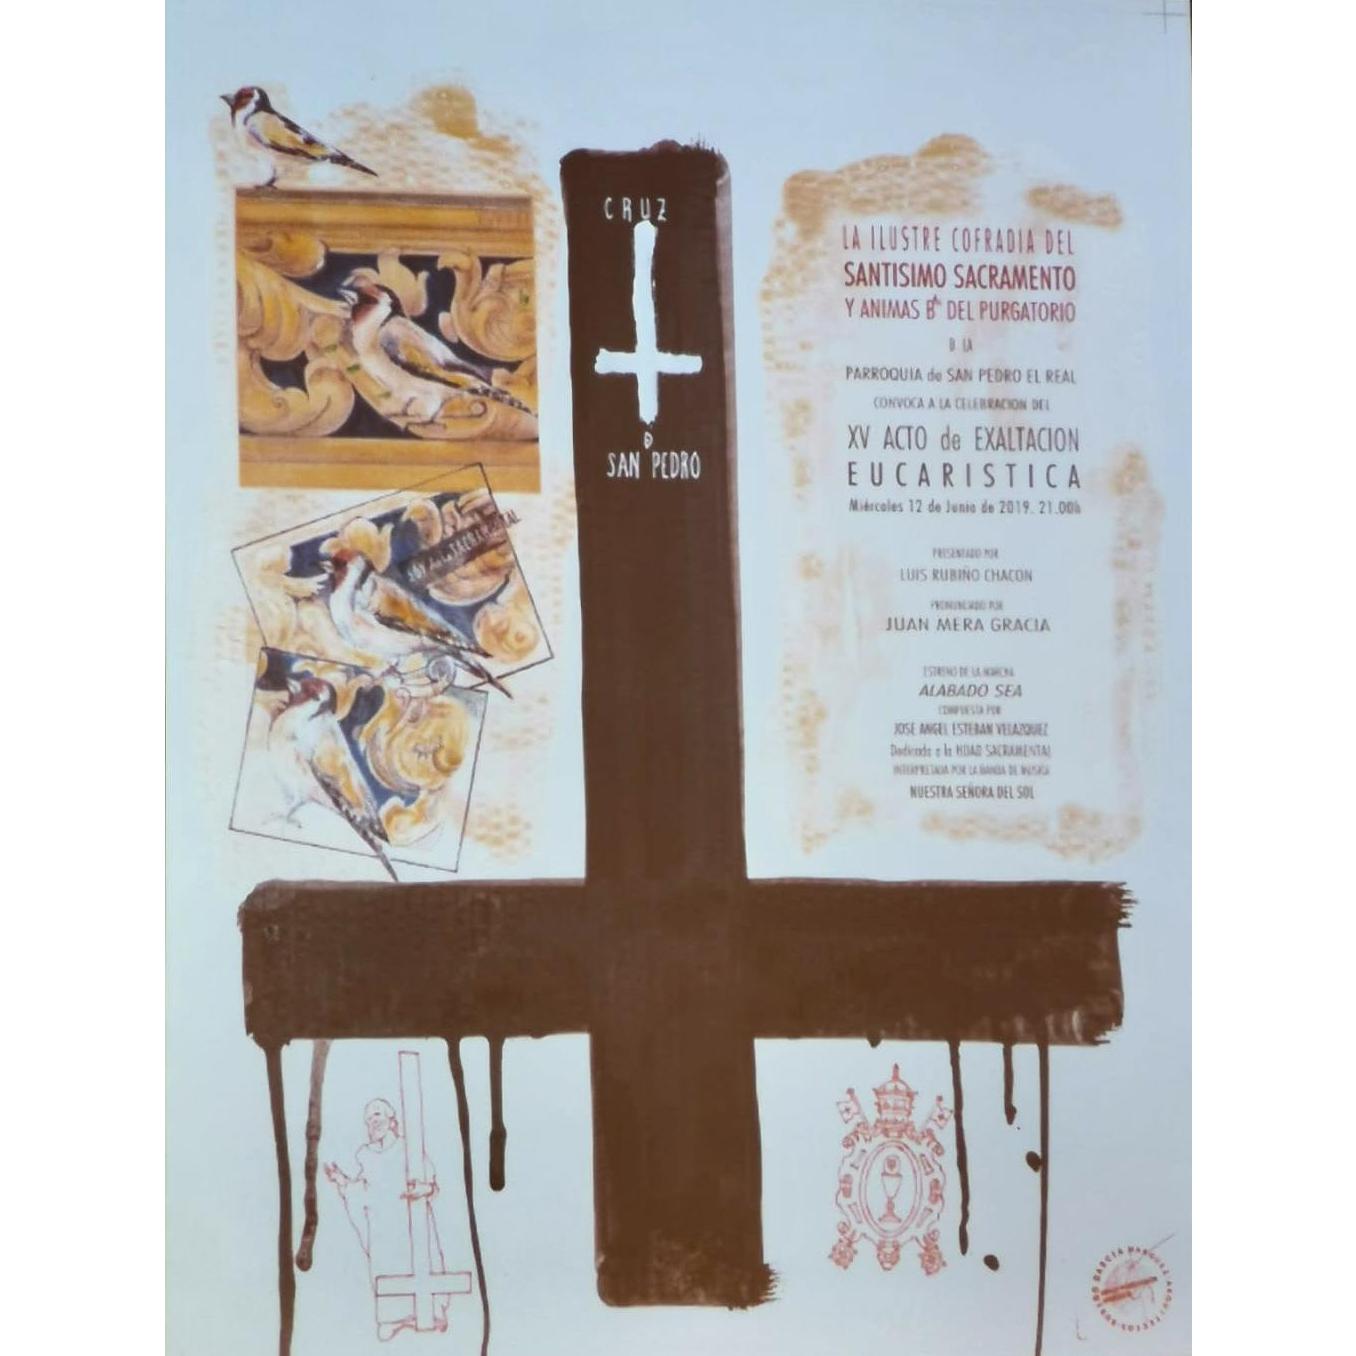 XV Acto de Exaltación Eucarística de la Cofradía del Santísimo Sacramento